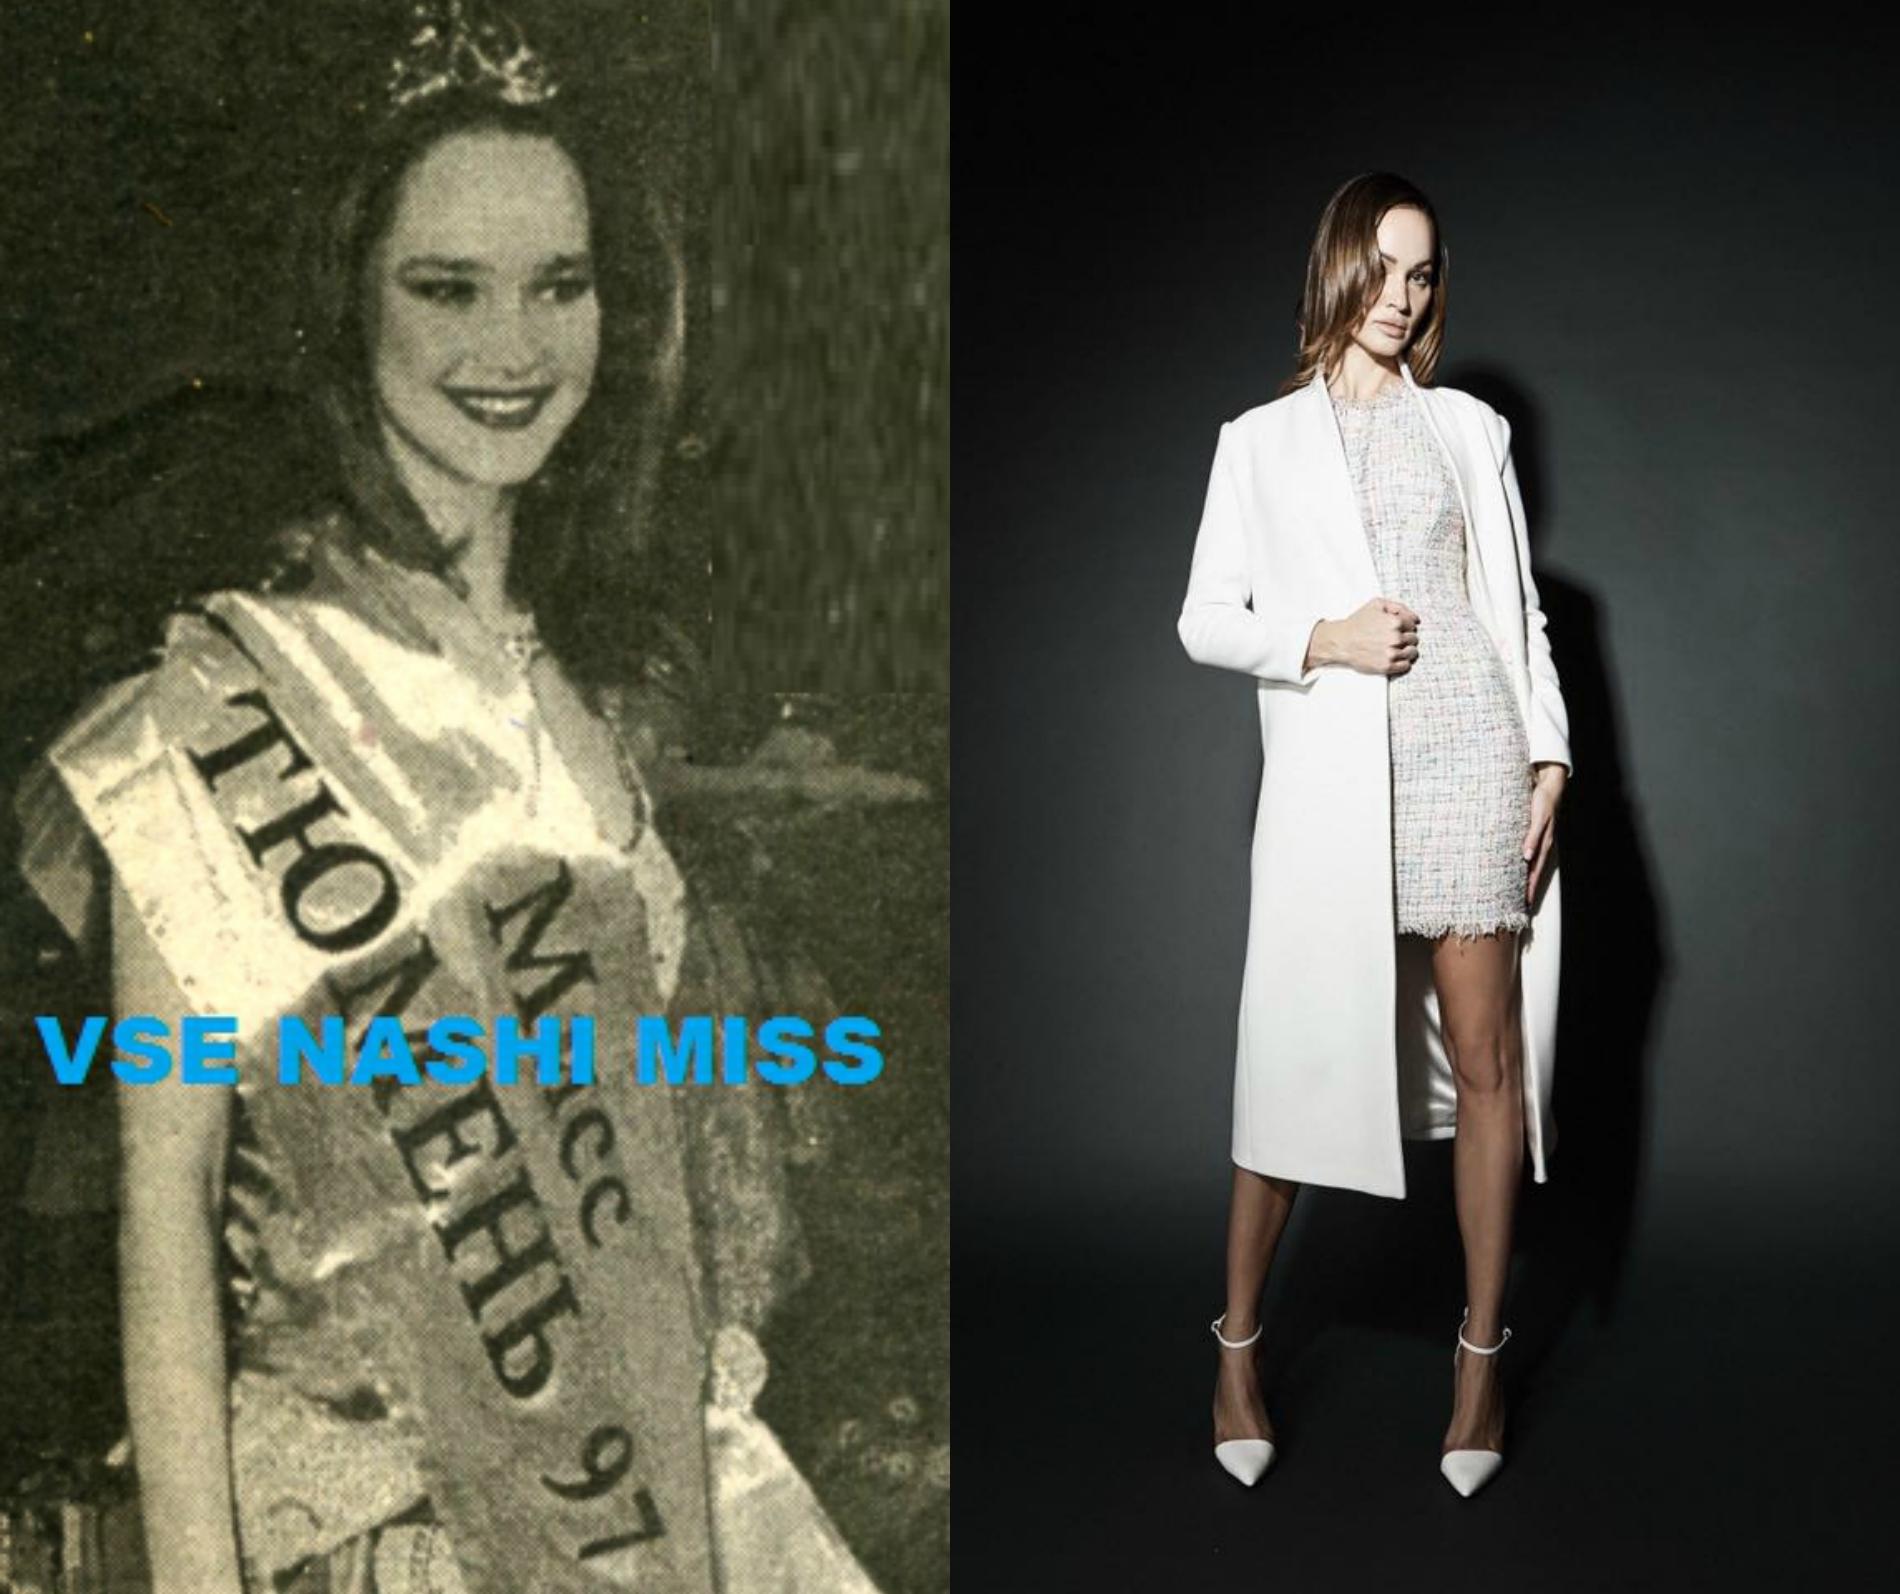 Ксения давно закончила модельную карьеру, но до сих пор изредка участвует в рекламных проектах